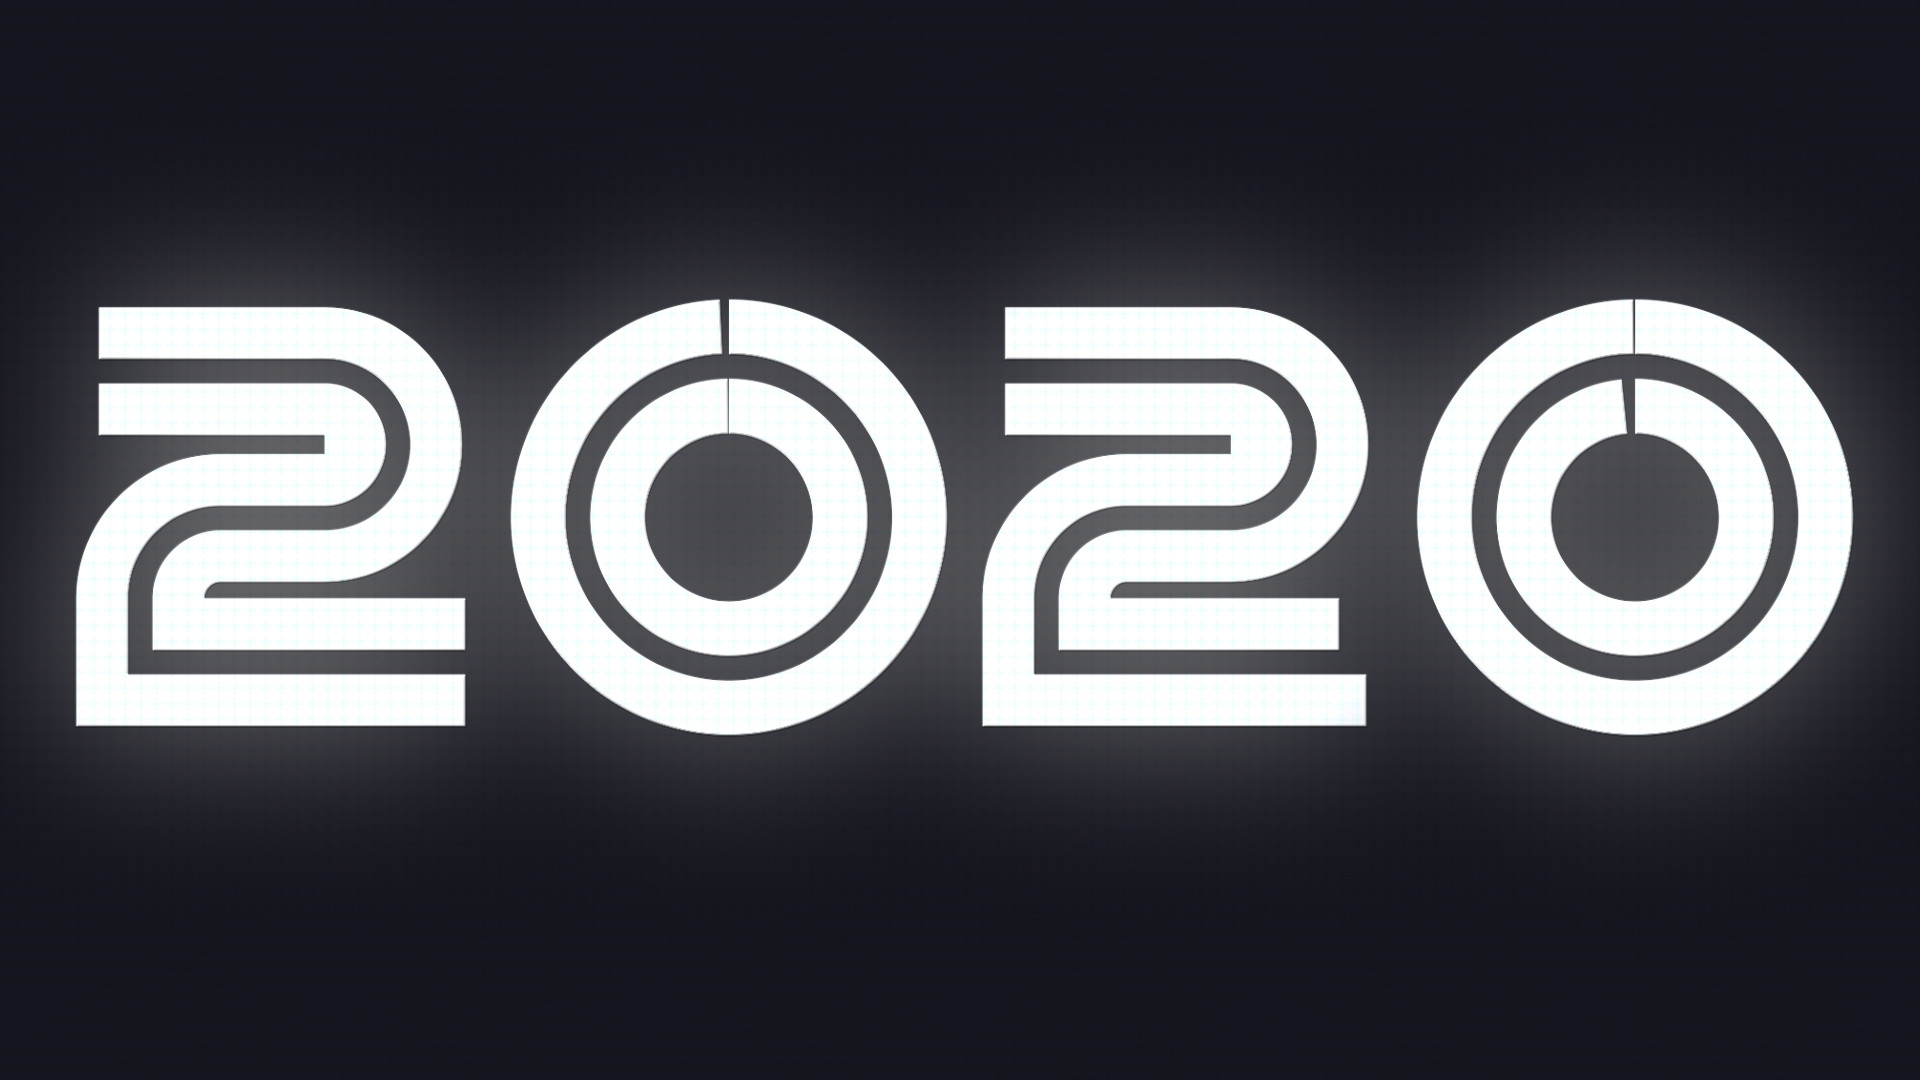 Best of 2020